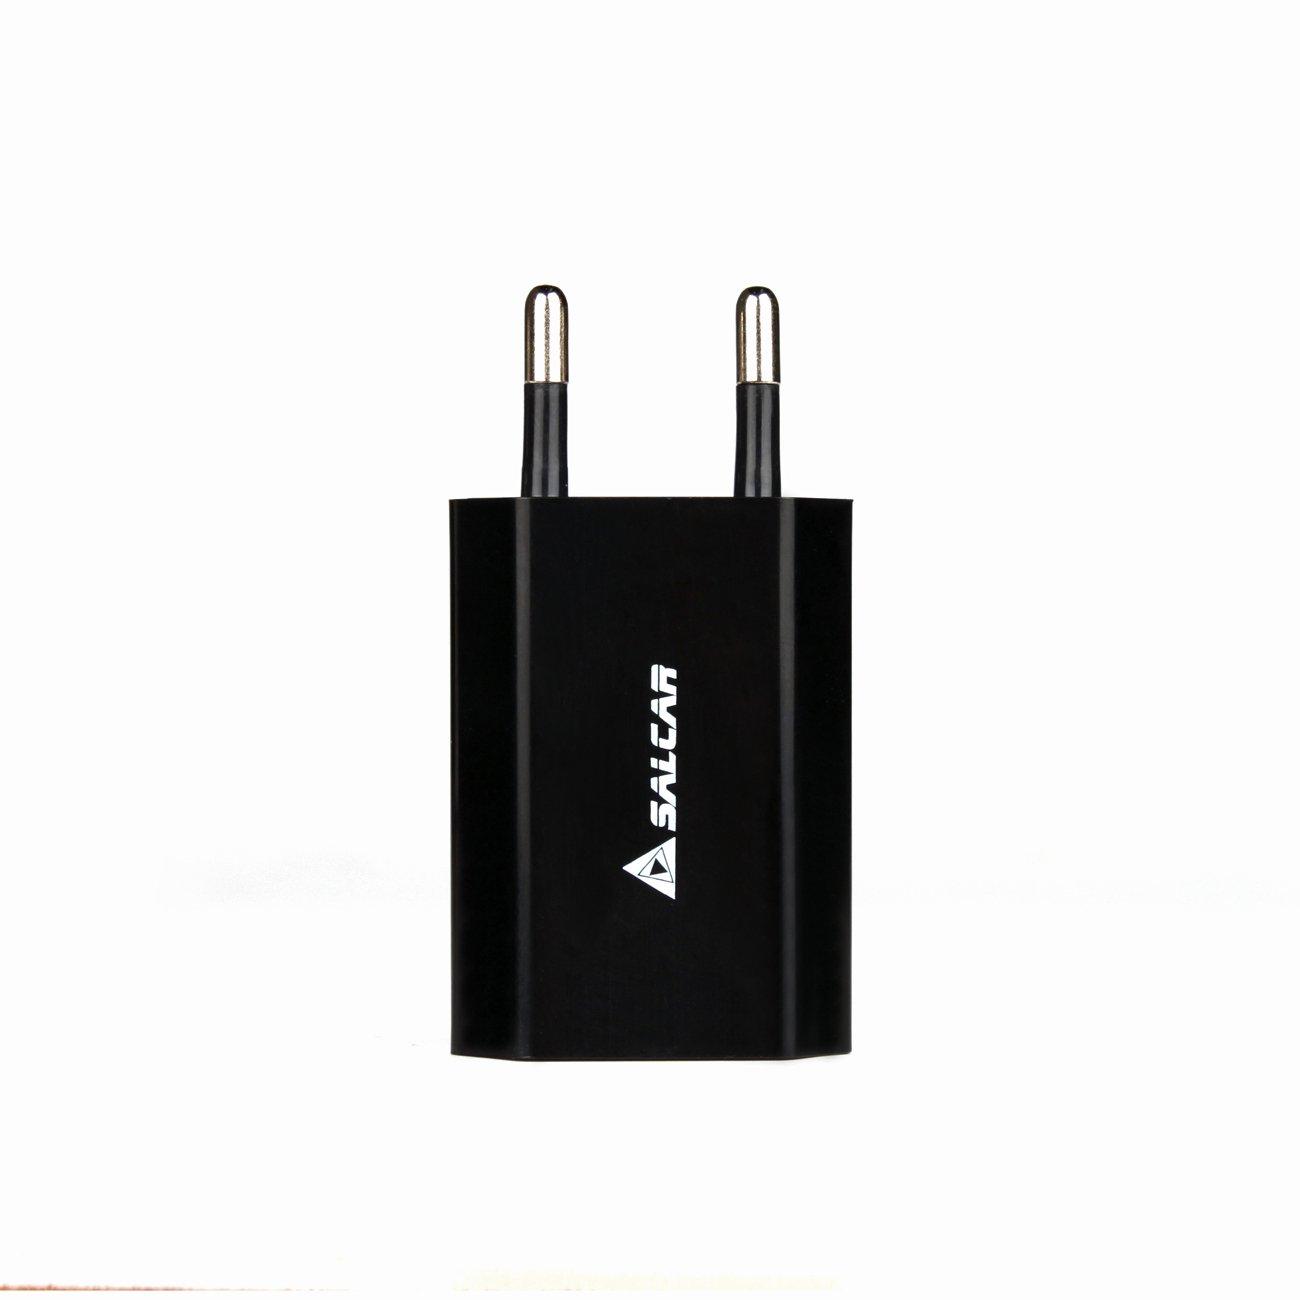 Salcar - 5V 1A Cargador/Adaptador/Adapter 5W para Apple MD813 A1400, iPhone 5 5s, iPod, iPad Mini USB Power, Negro